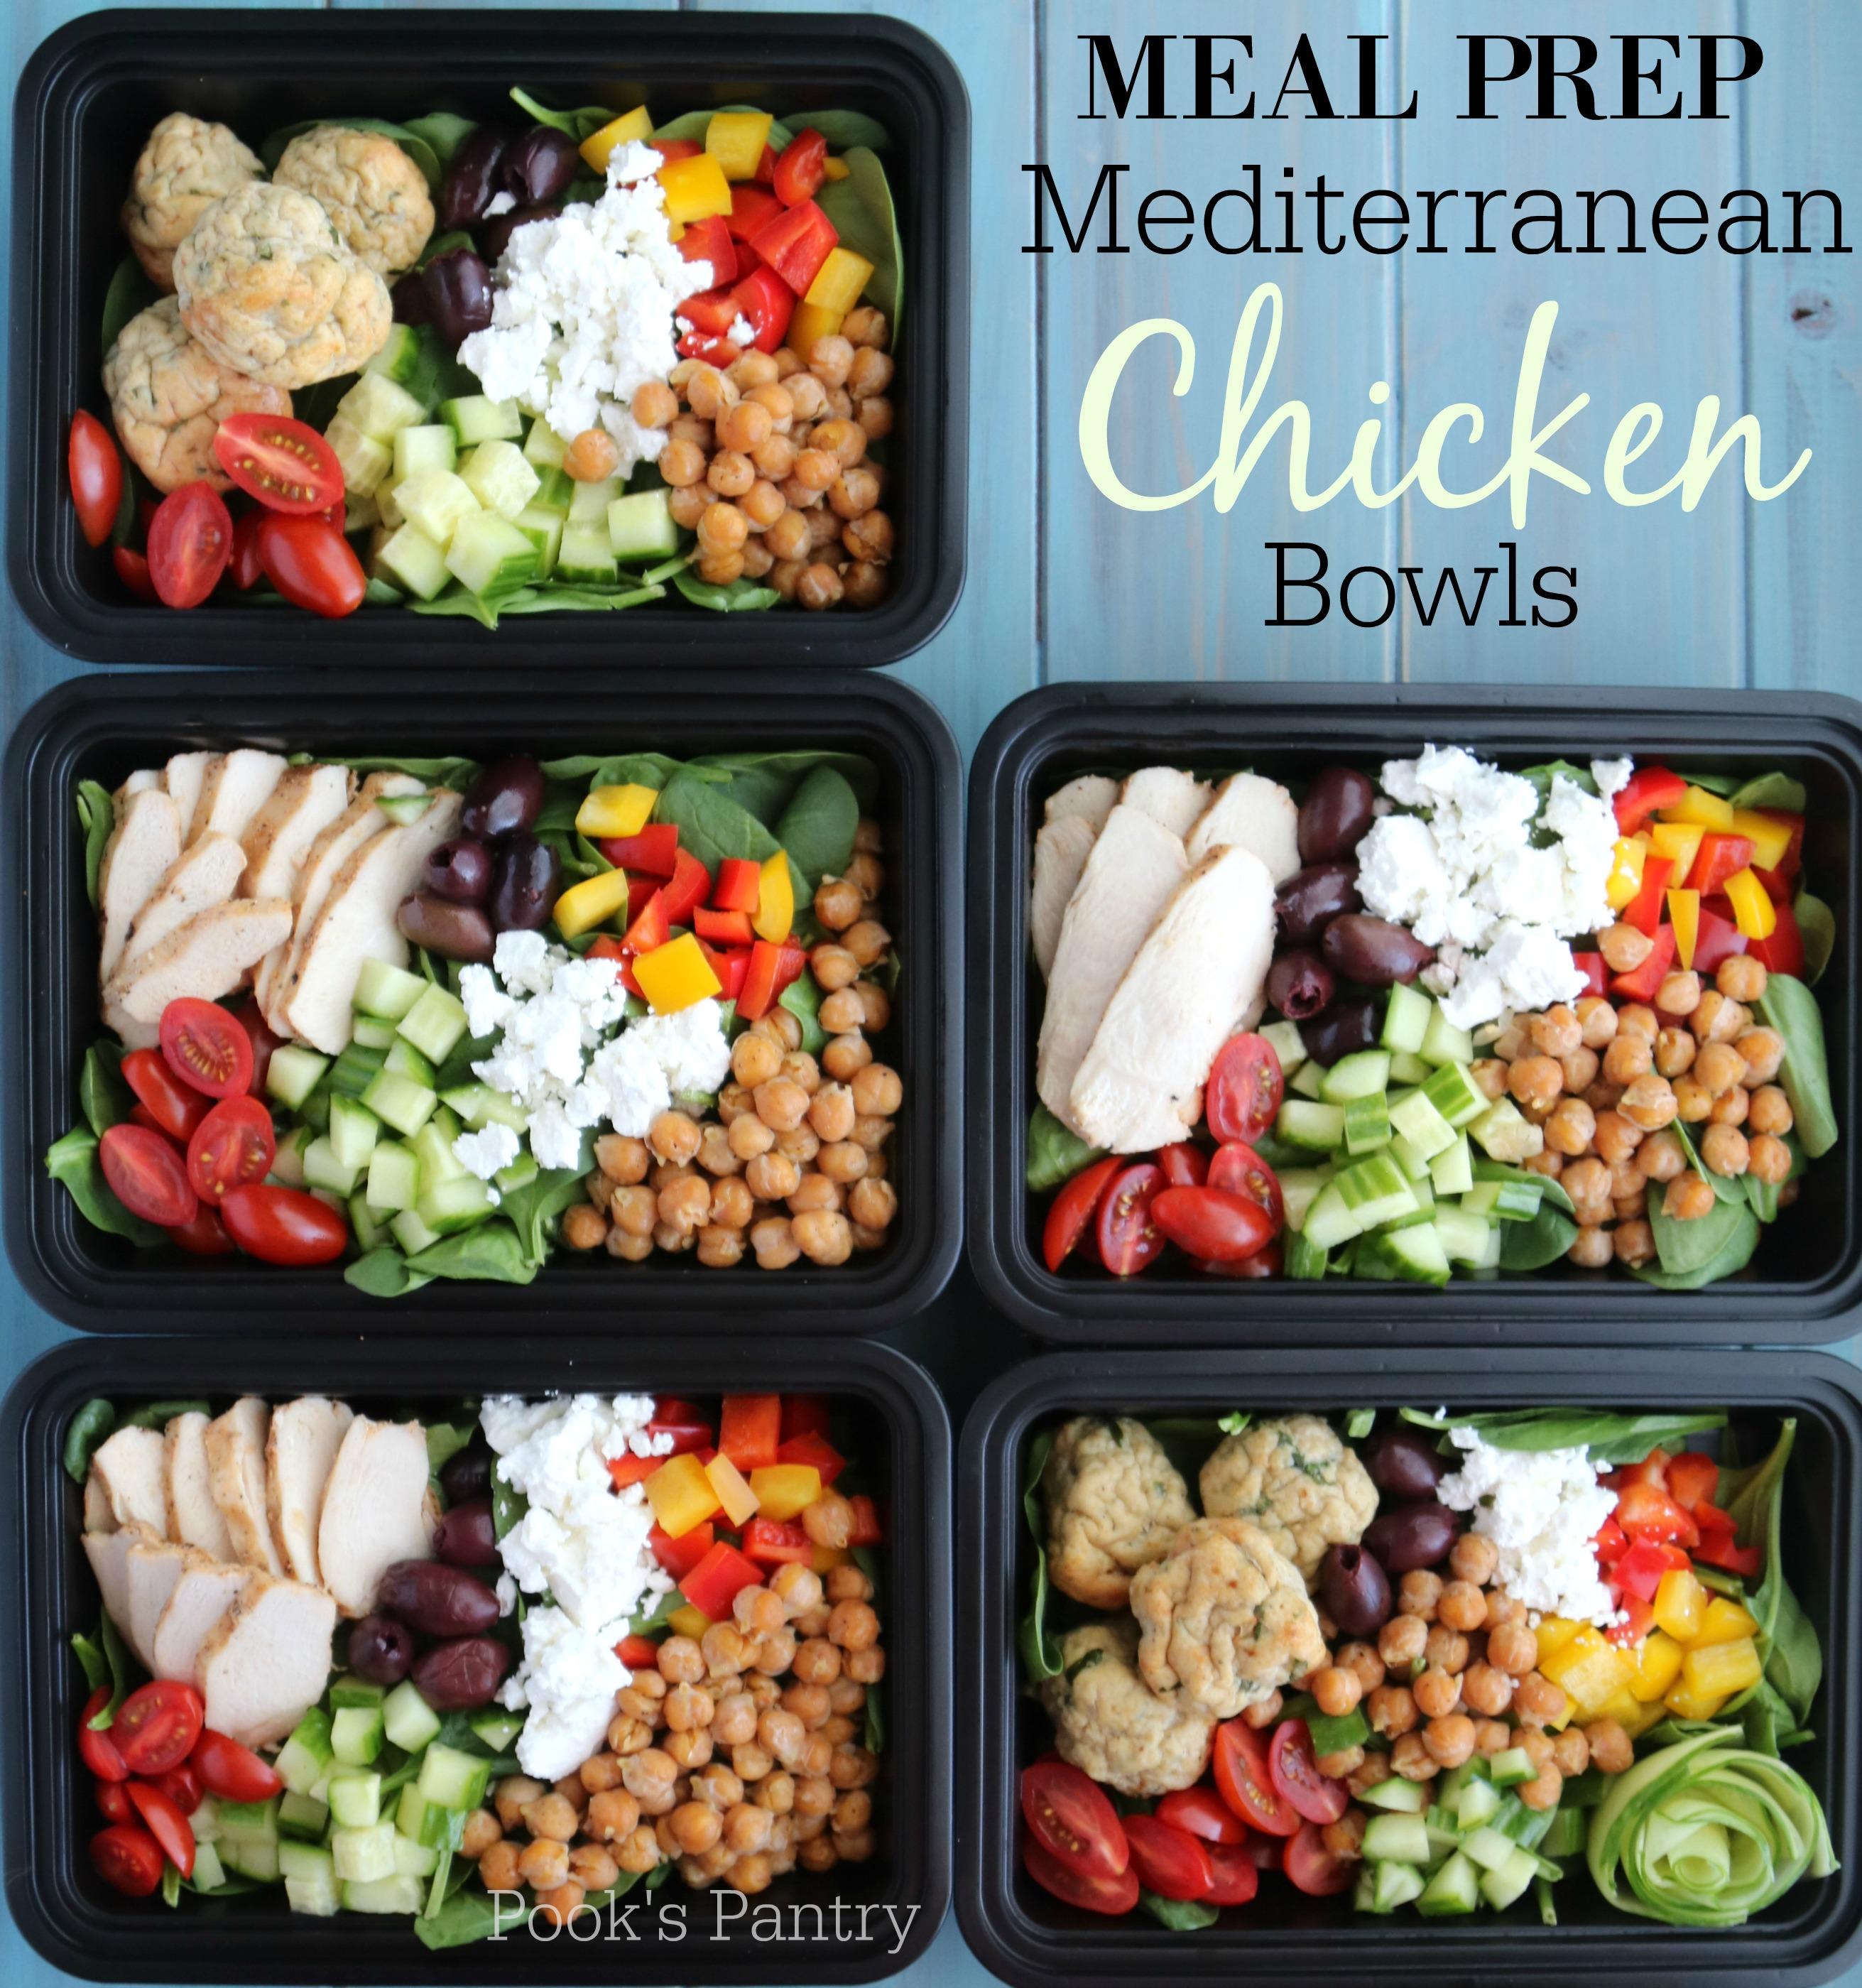 Meal Prep Mediterranean Chicken Bowls